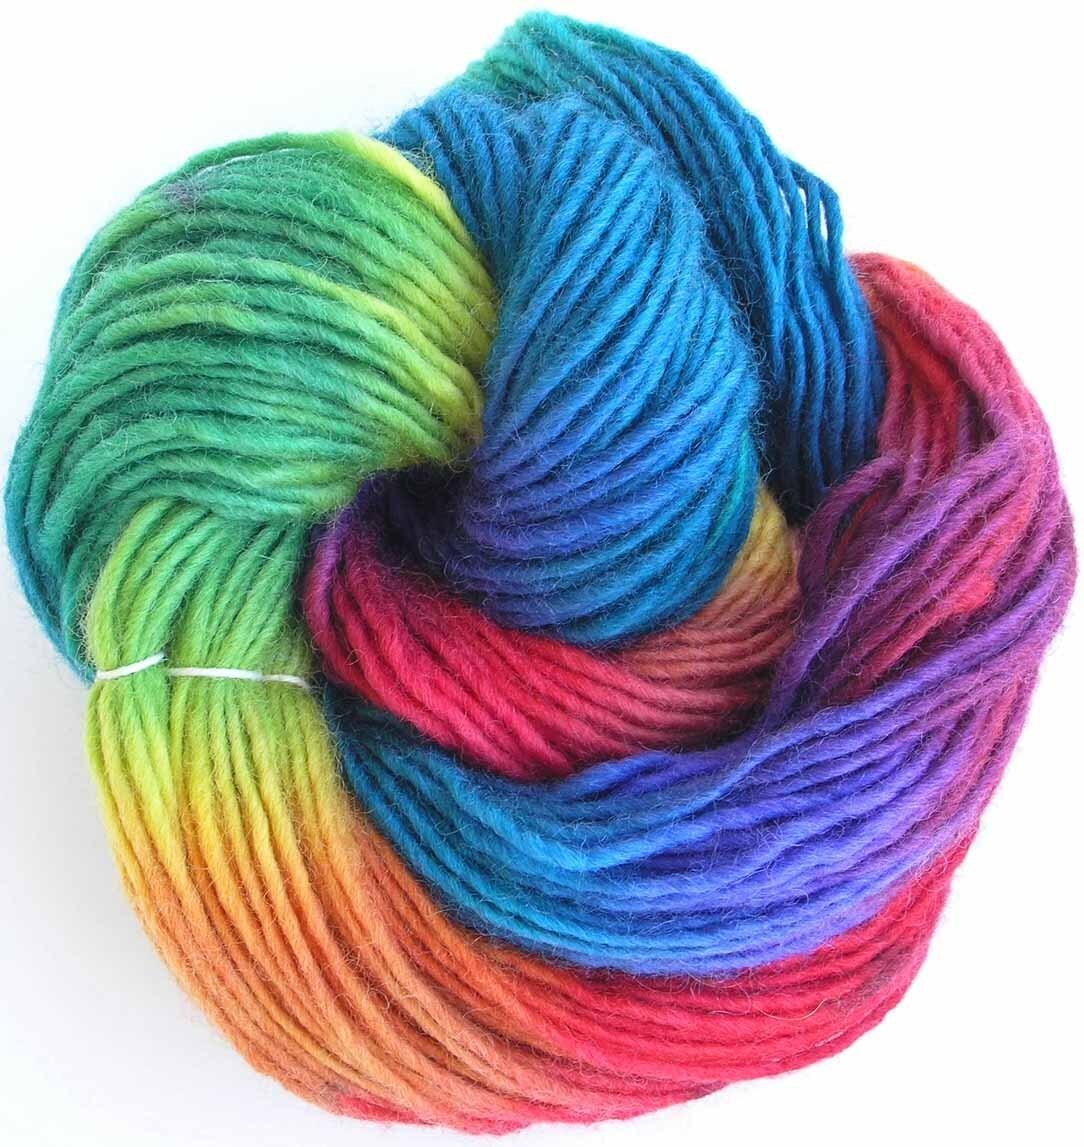 Hand Dyed Yarn : Hand Dyed Yarn Chunky Wool Yarn Rainbow Candy by FiberFusion